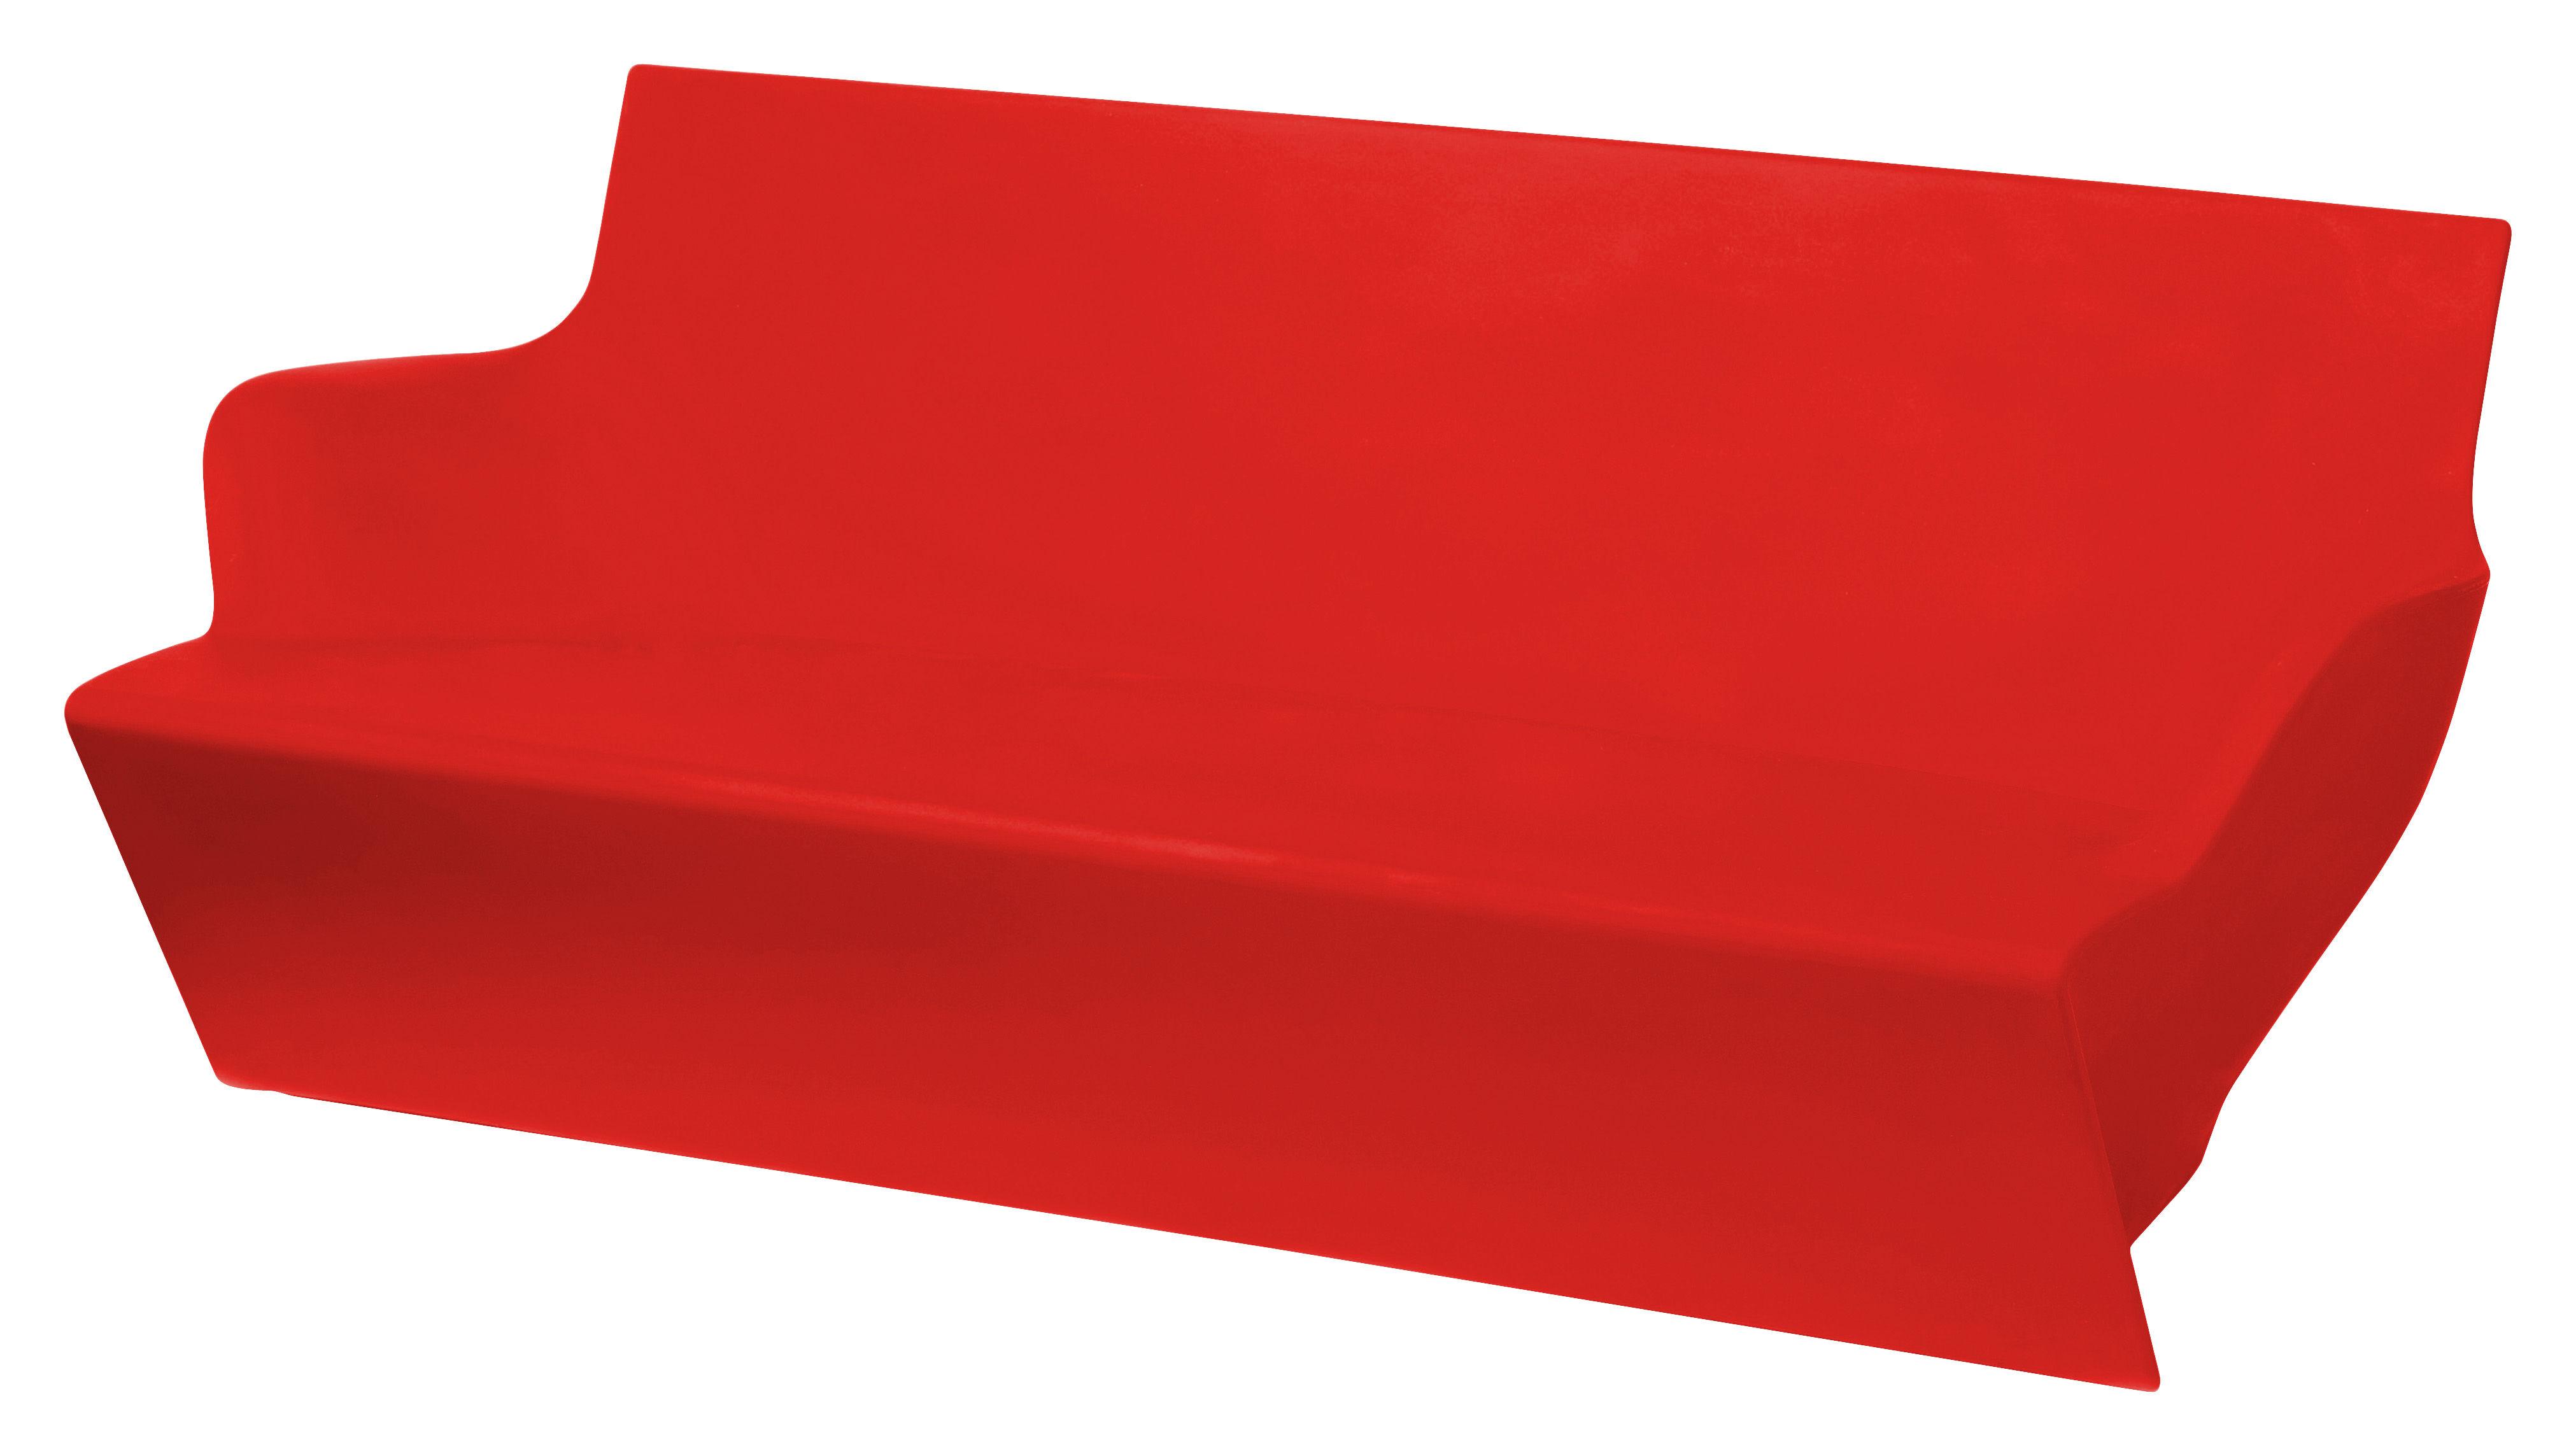 Outdoor - Poltrone e Divani - Sofà Kami Yon di Slide - Rosso - polietilene riciclabile